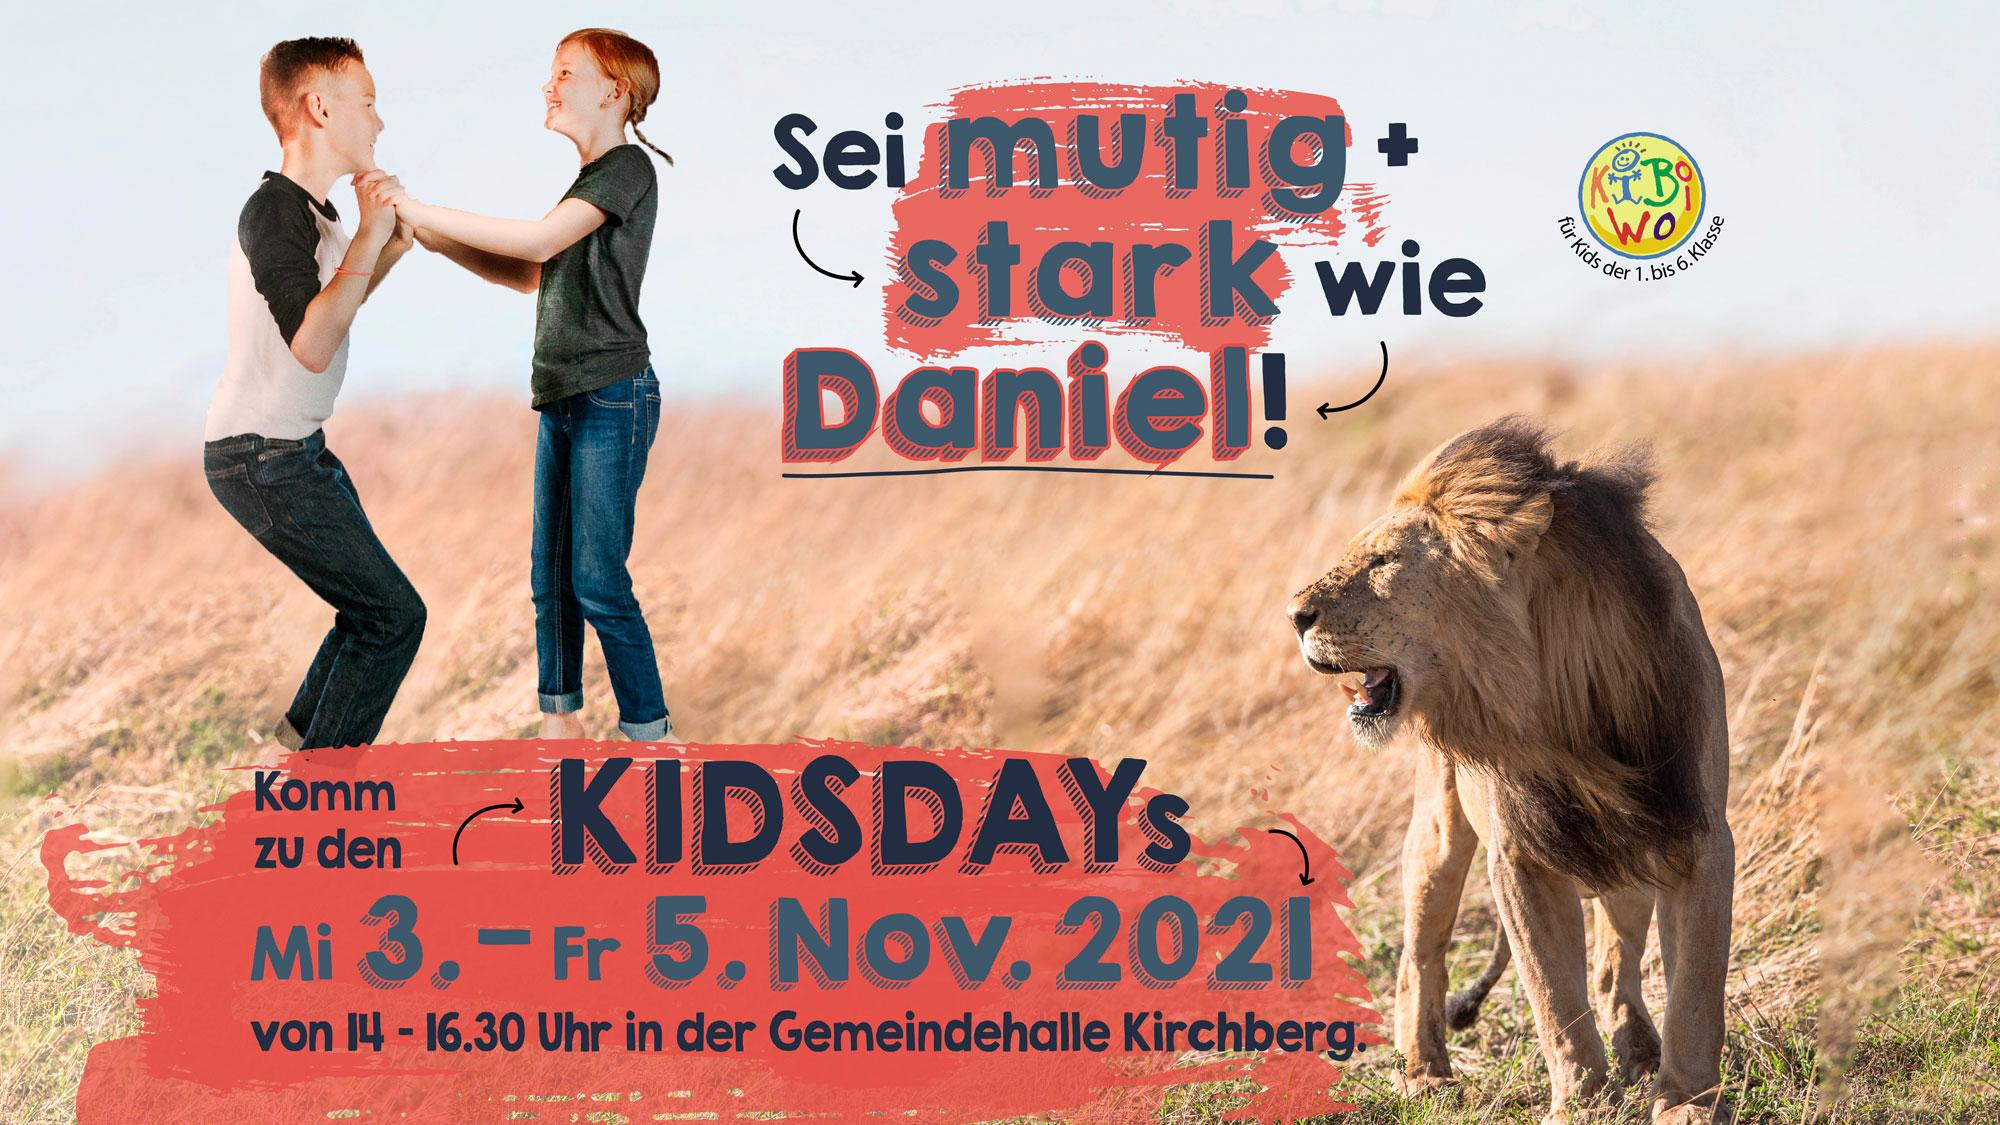 Kidsdays 2021